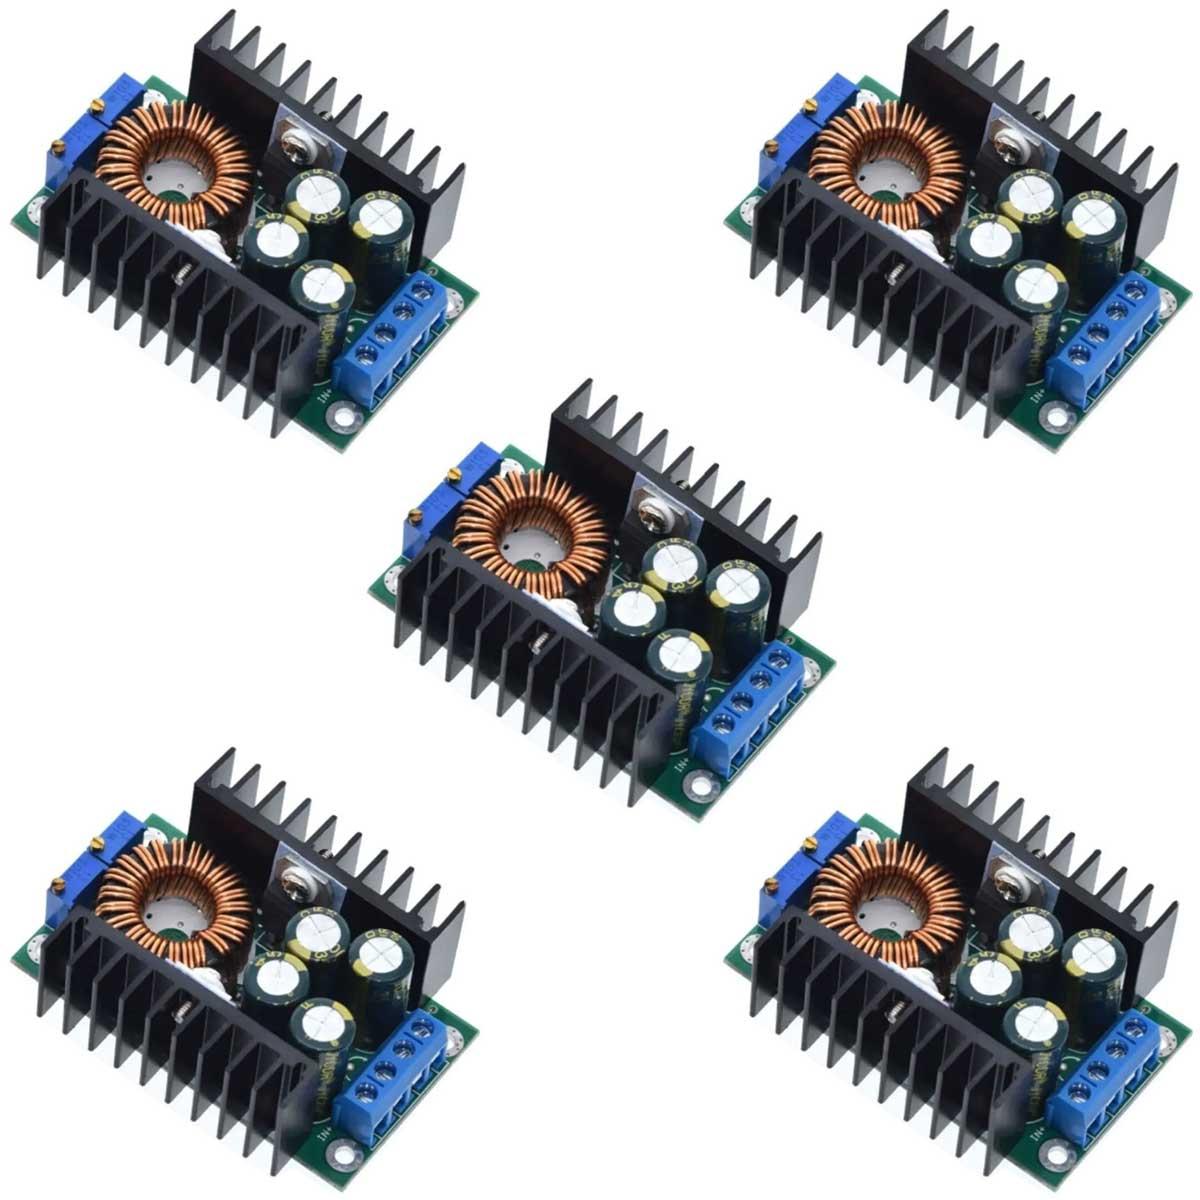 5x Regulador / Conversor de Tensão e Corrente DC Step Down 1.2V a 35V 300W 9A